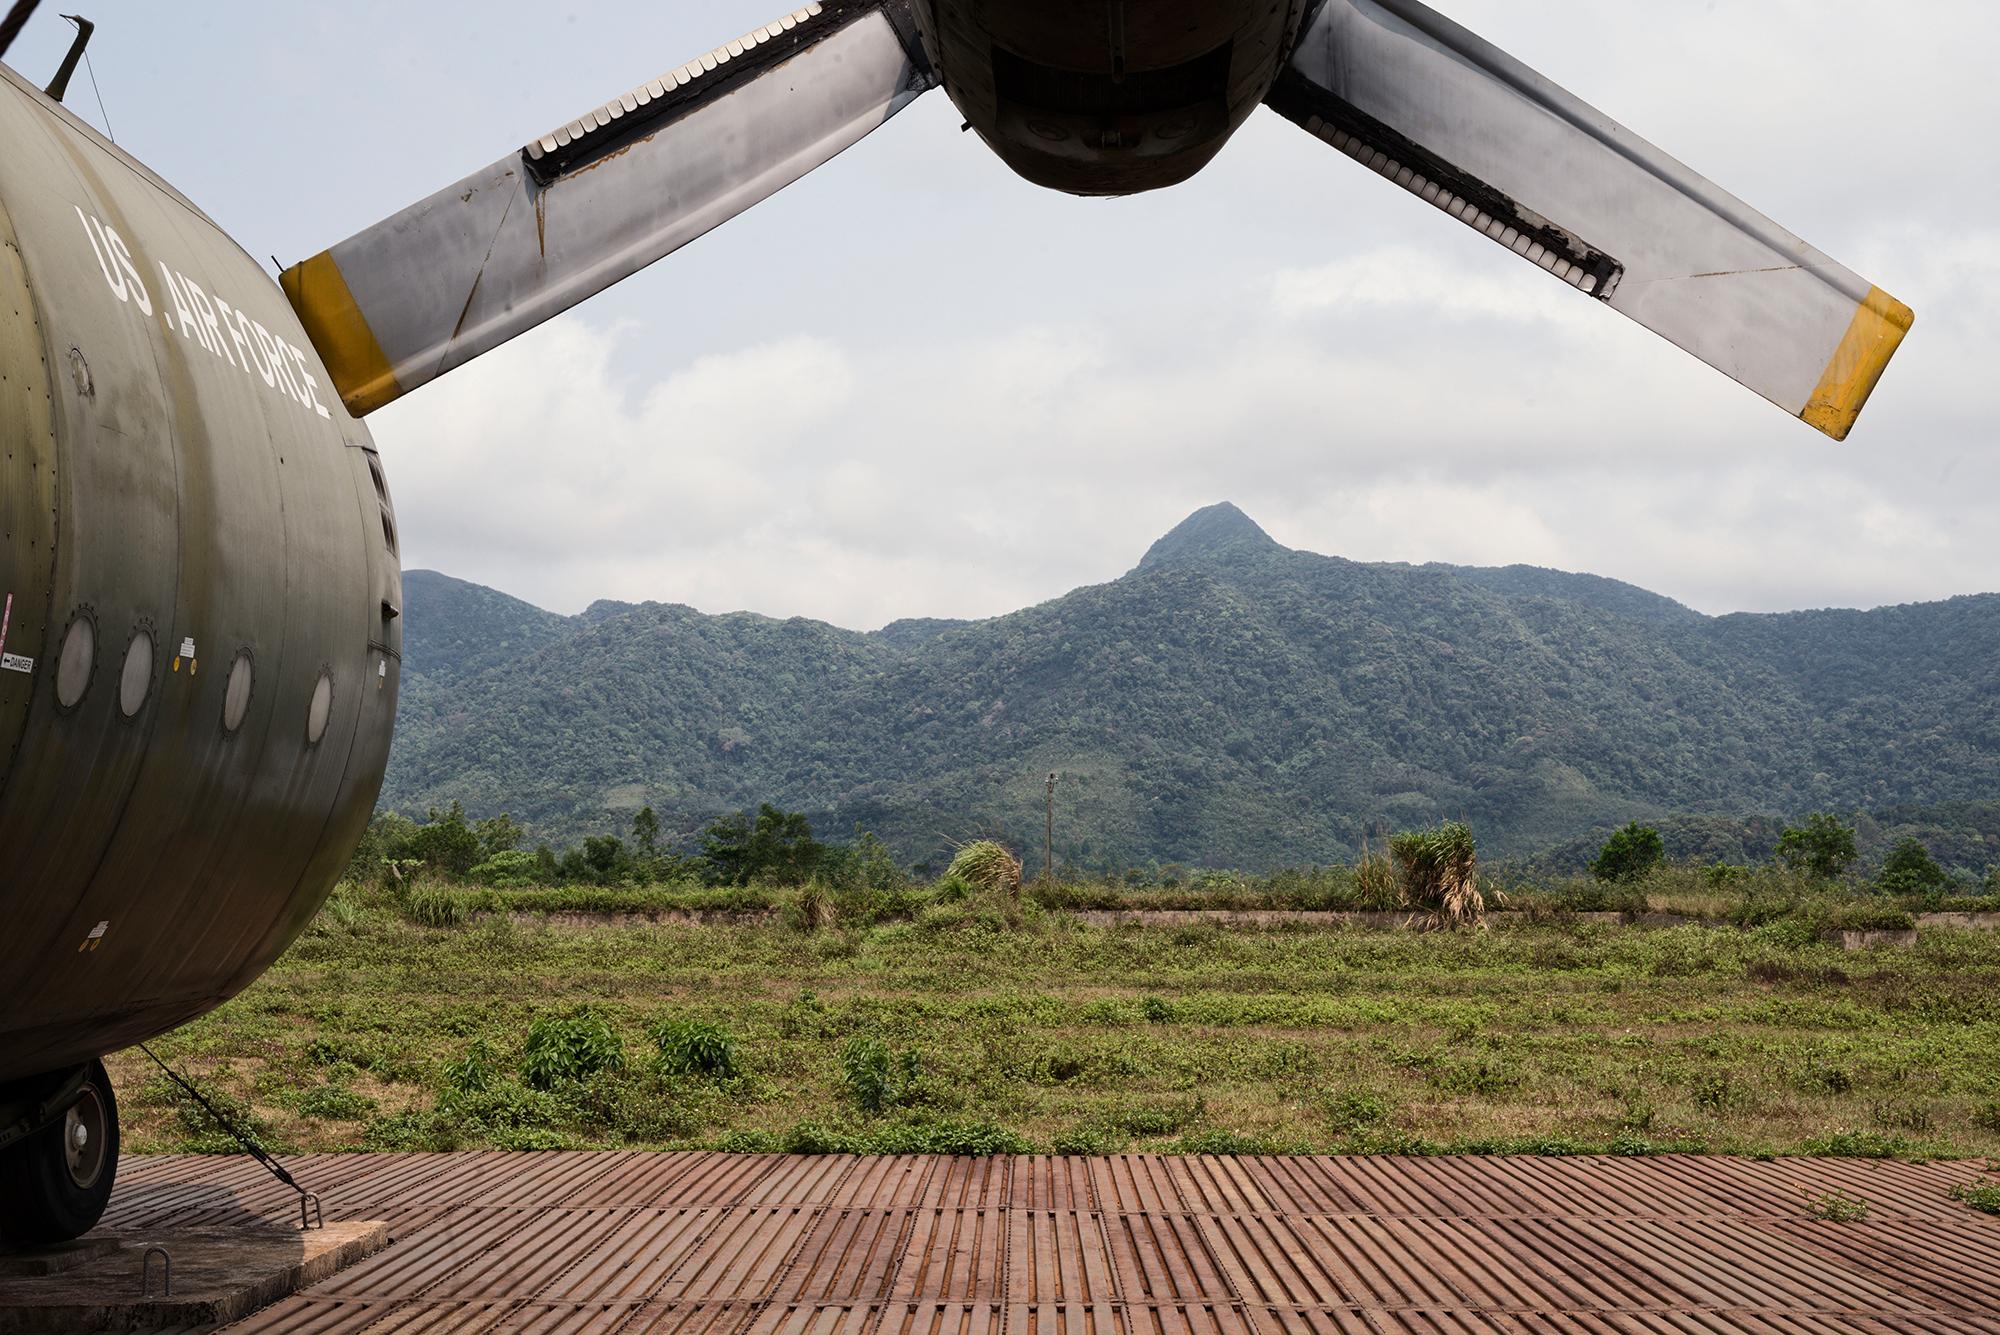 US-Transportflugzeug Hercules C-130 auf der ehemaligen Basis der US-Marines. Die Schlacht um Khe Sanh fand vom 21. Januar bis 9. Juli 1968 statt.